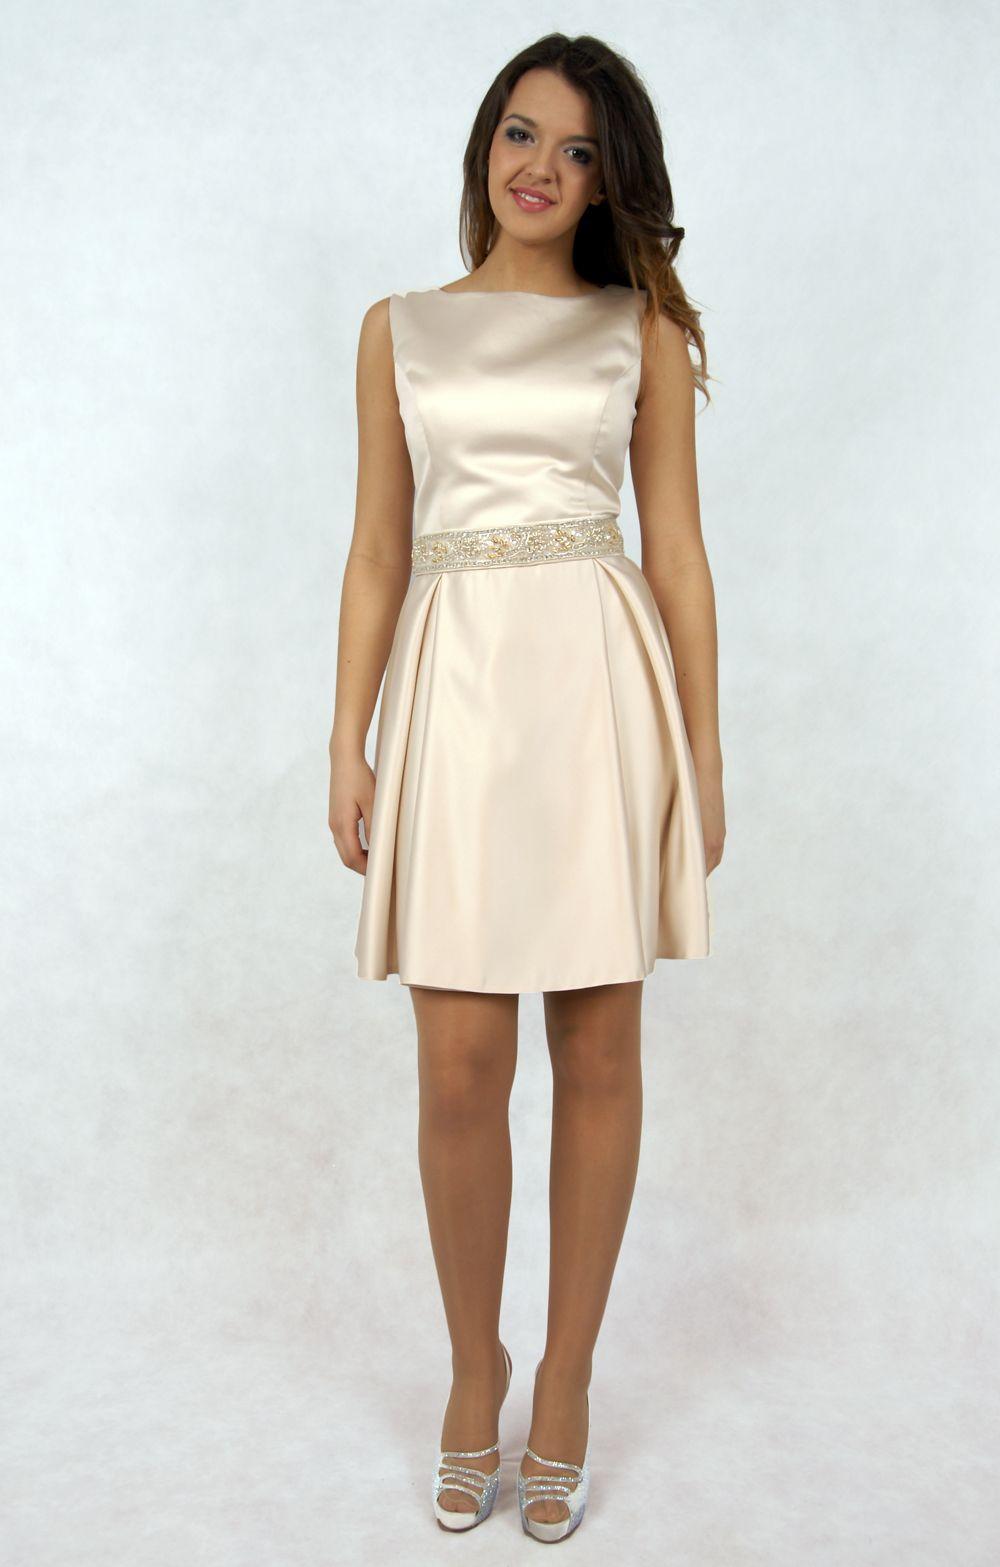 Sukienka Szyta Na Miare Kolor Szampan Slub Cywilny 5382615969 Oficjalne Archiwum Allegro Dresses Fashion Graduation Dress